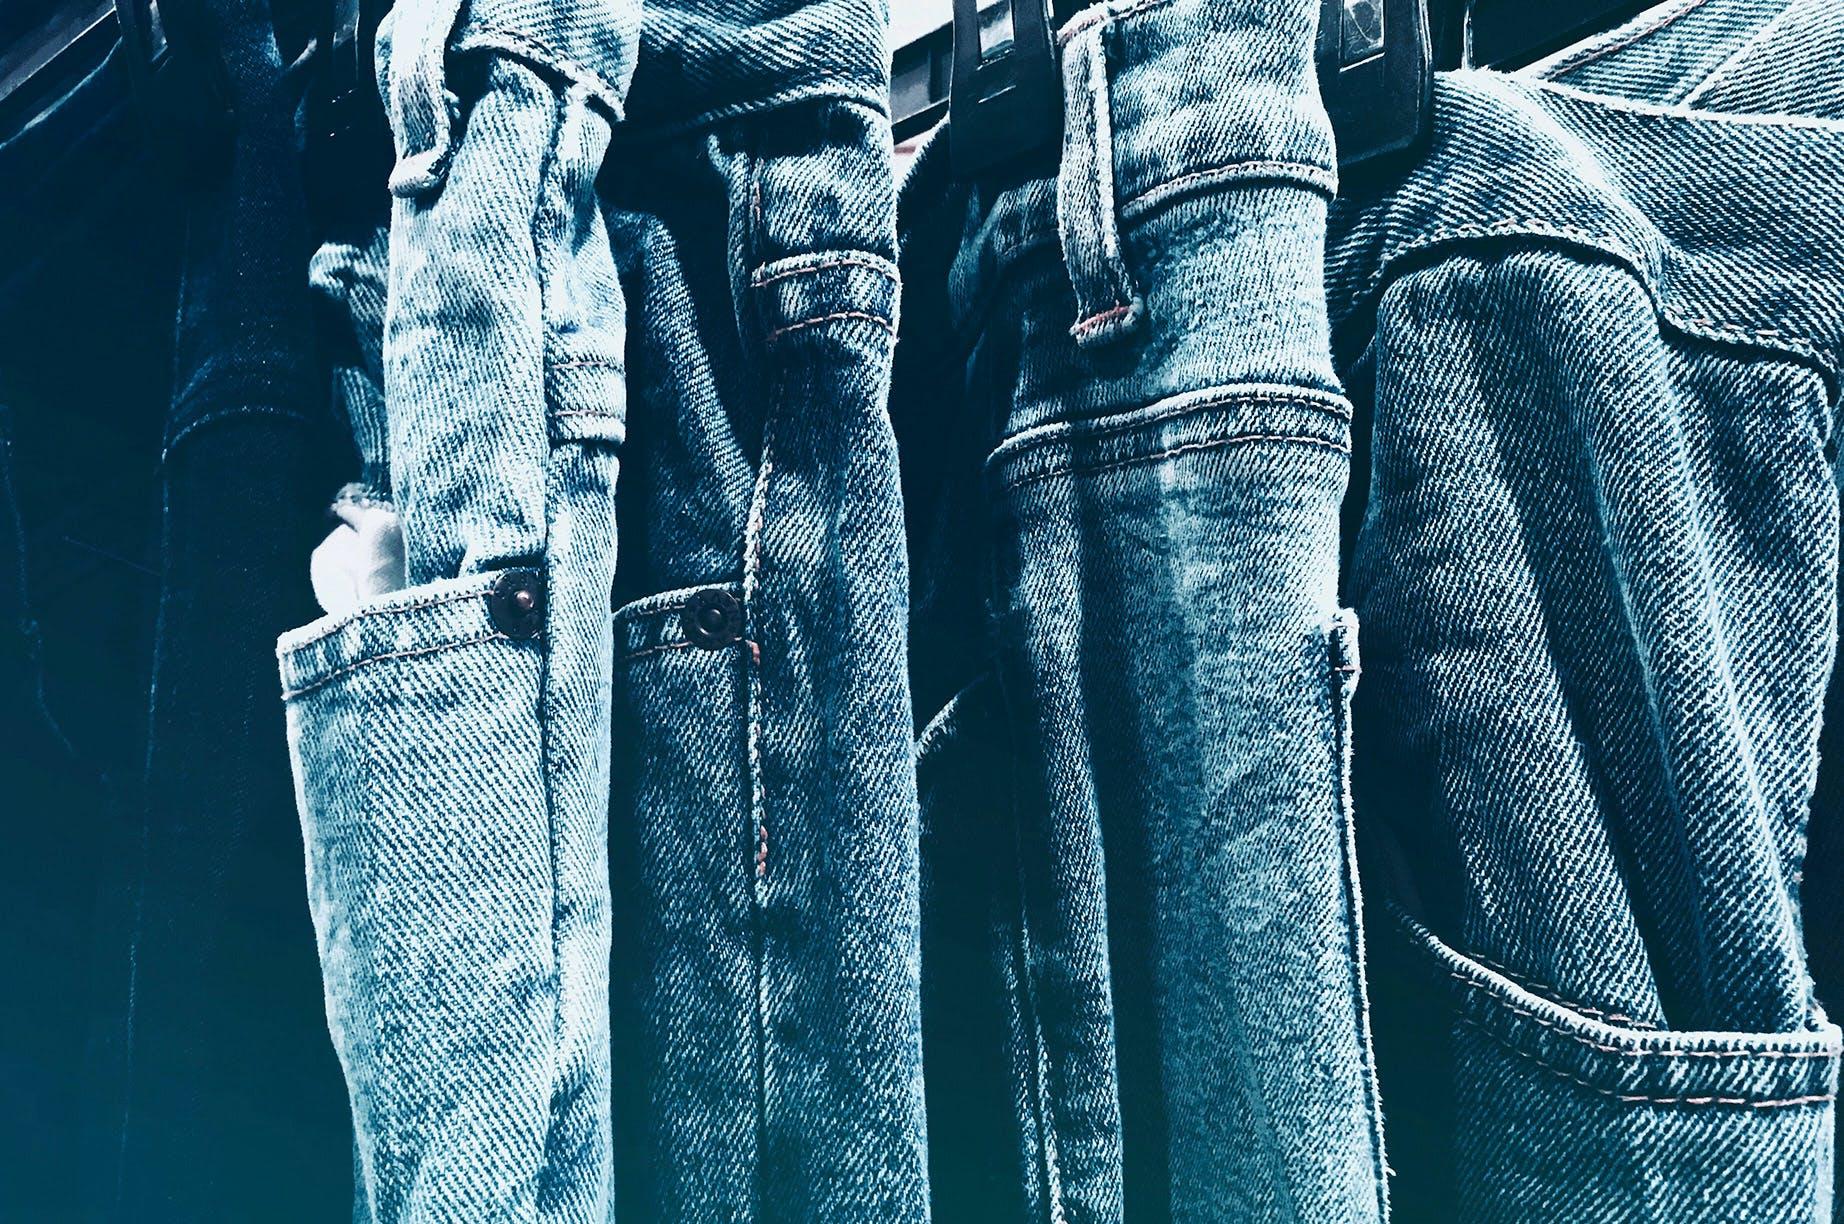 Kostnadsfri bild av blåjeans, denim byxor, ha på sig, jeans